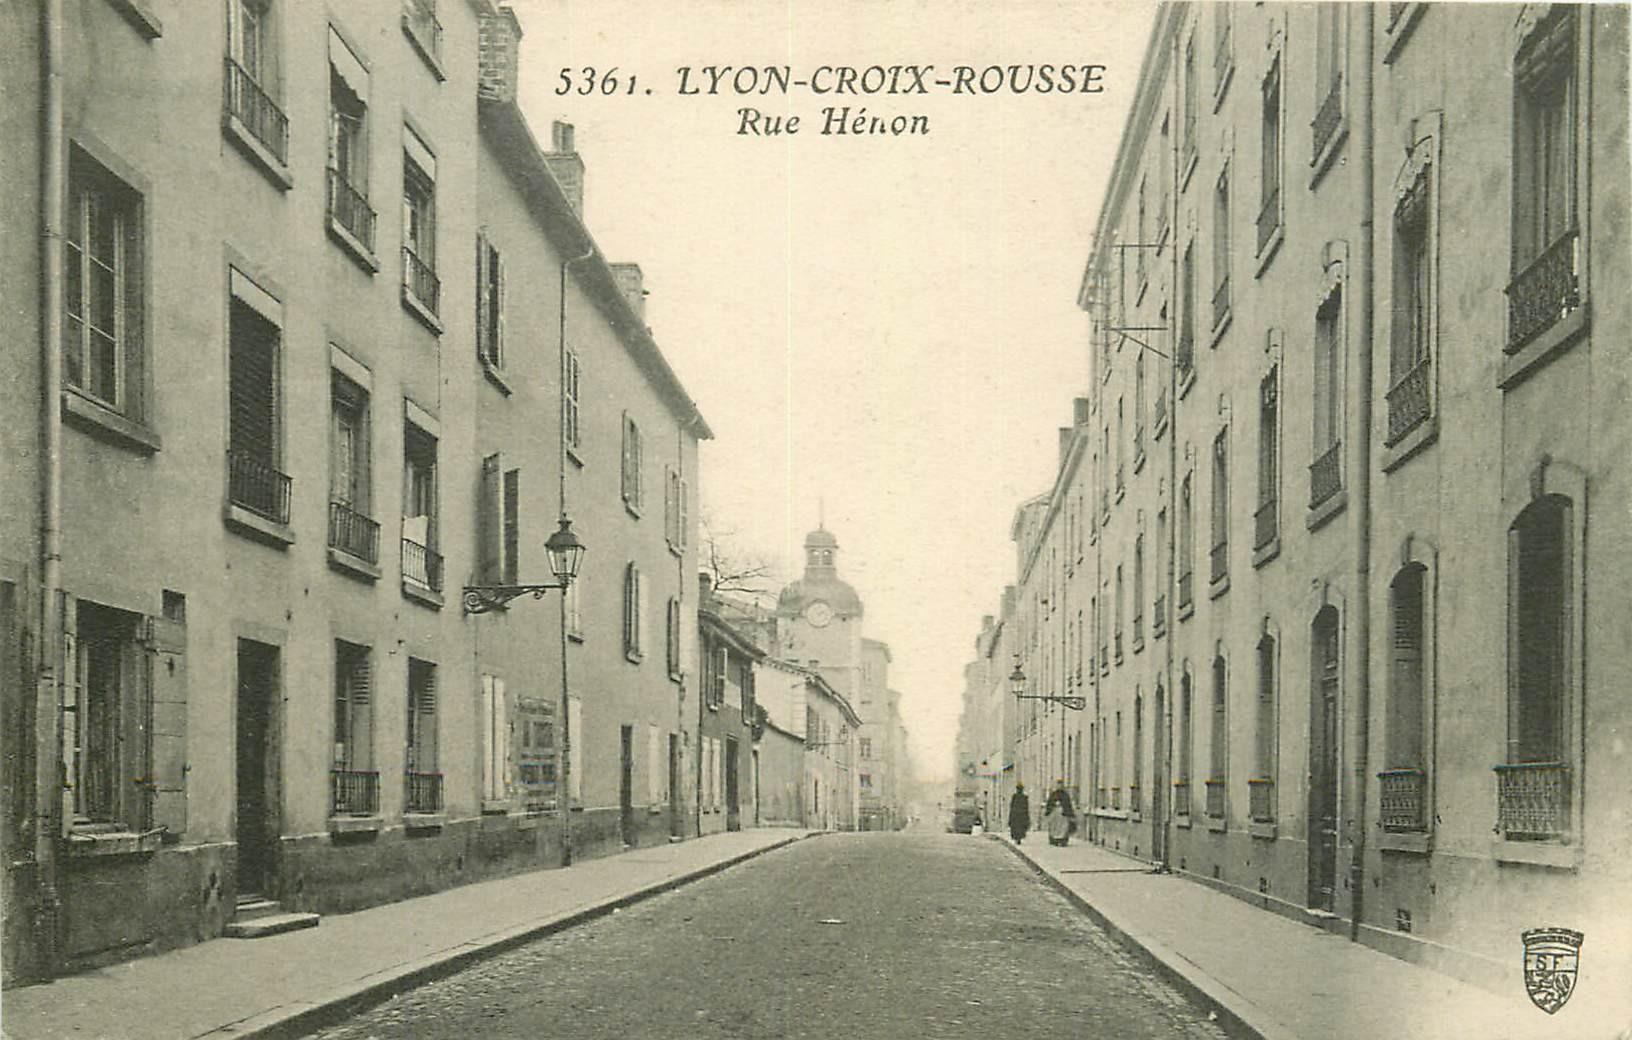 69 LYON-CROIX-ROUSSE. Rue Hénon